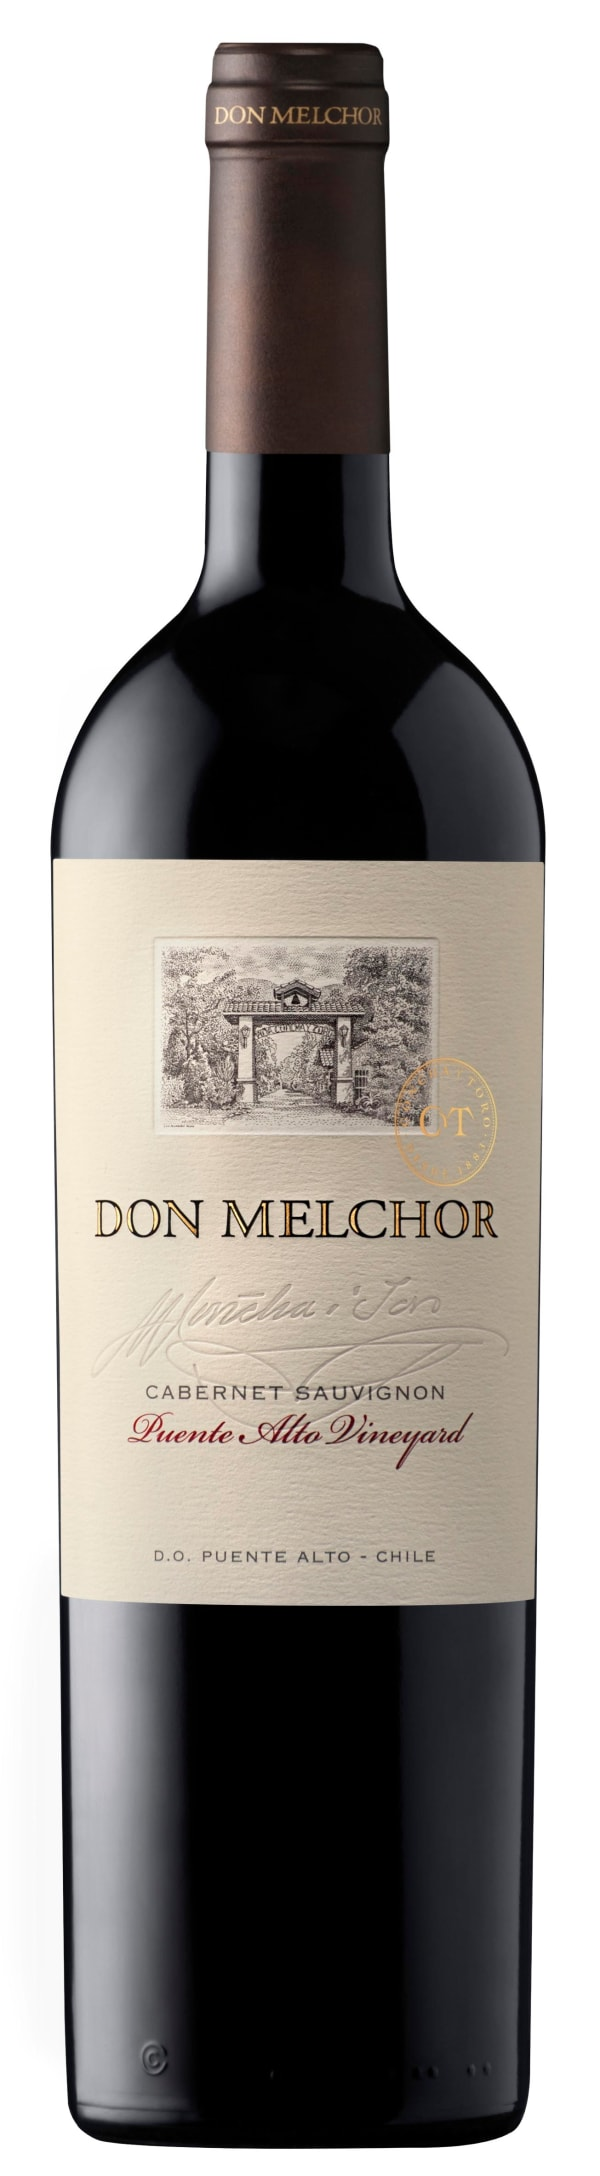 Don Melchor Cabernet Sauvignon 2016